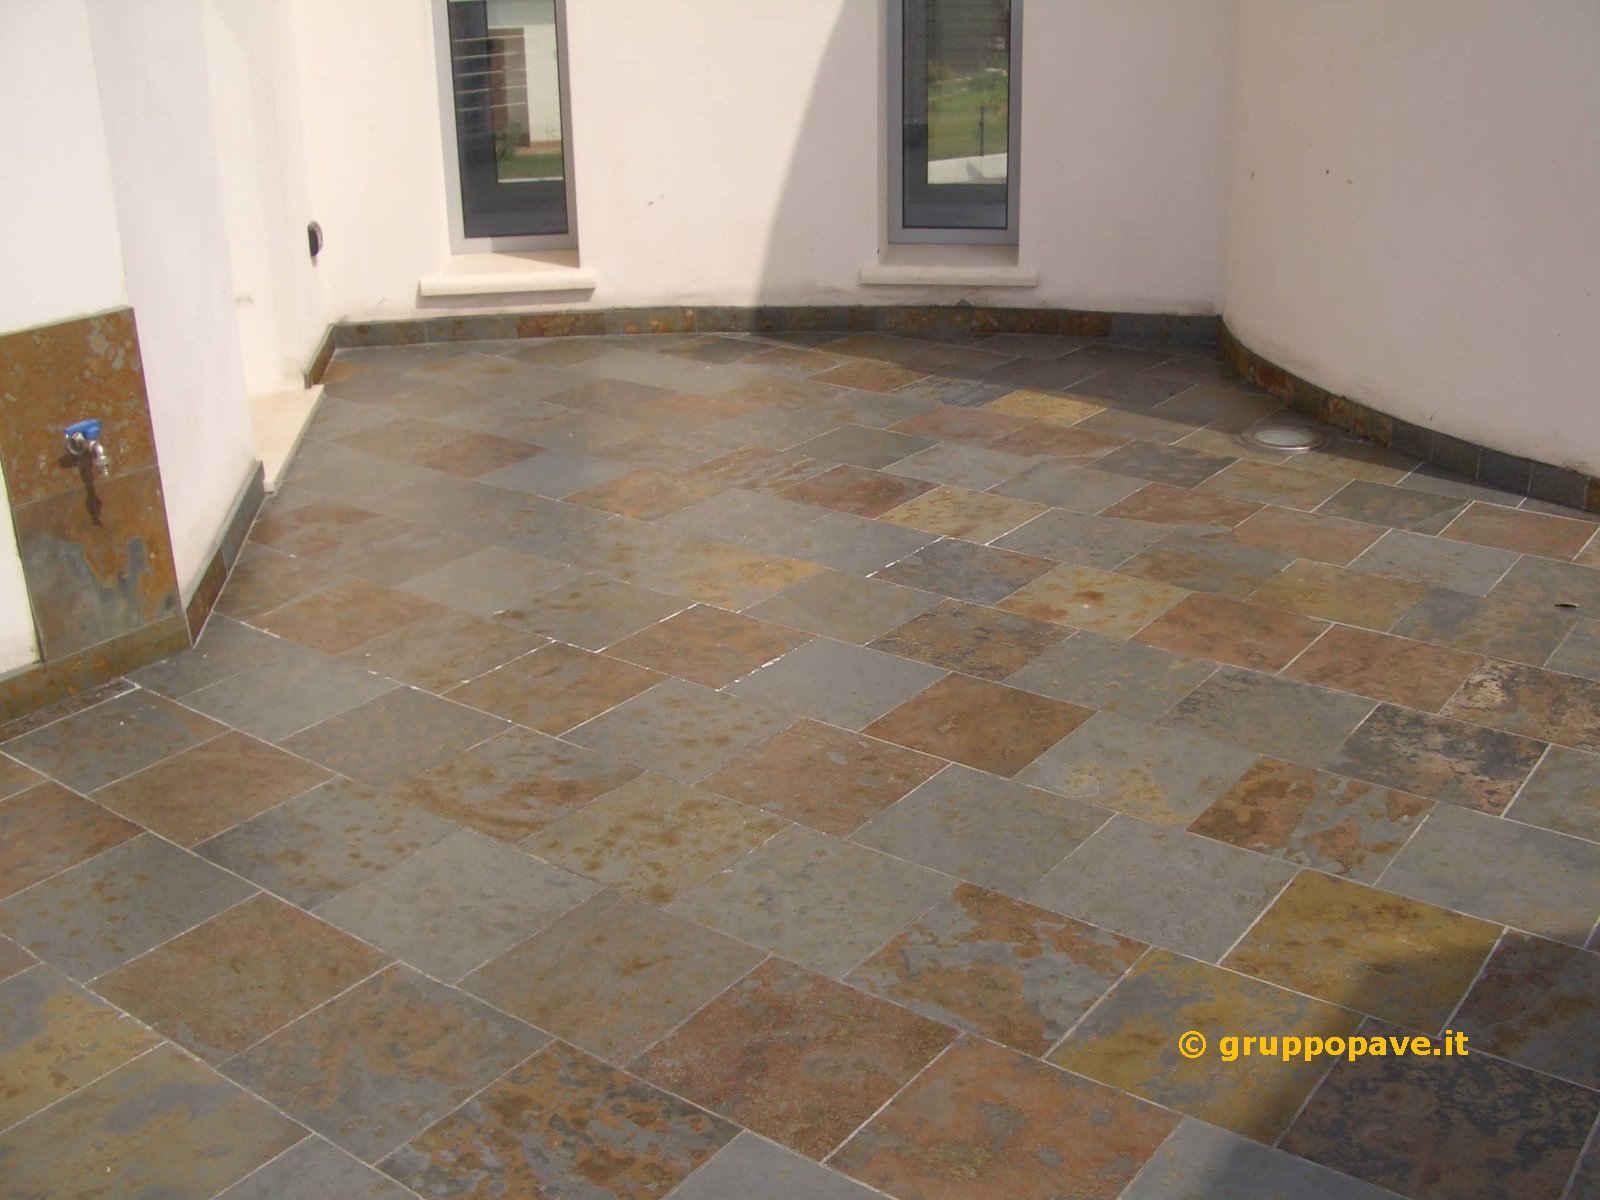 Pave pavimentazioni per interni ed esterni